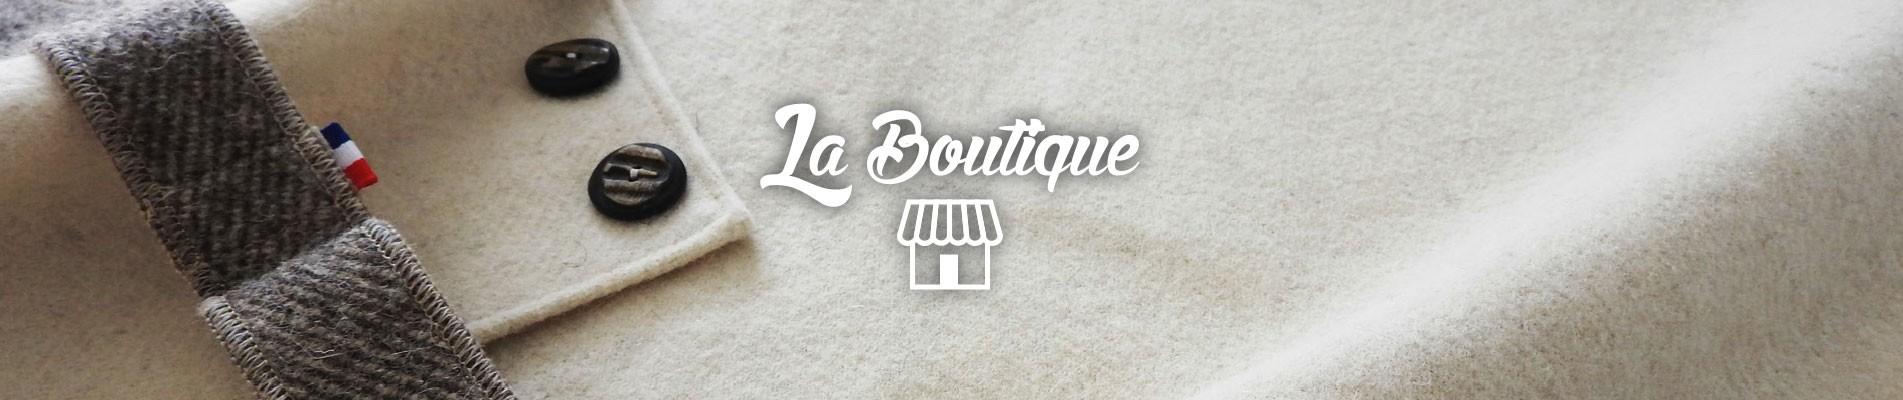 Fabrique de couvertures, plaids, couettes et lainages des Pyrénées